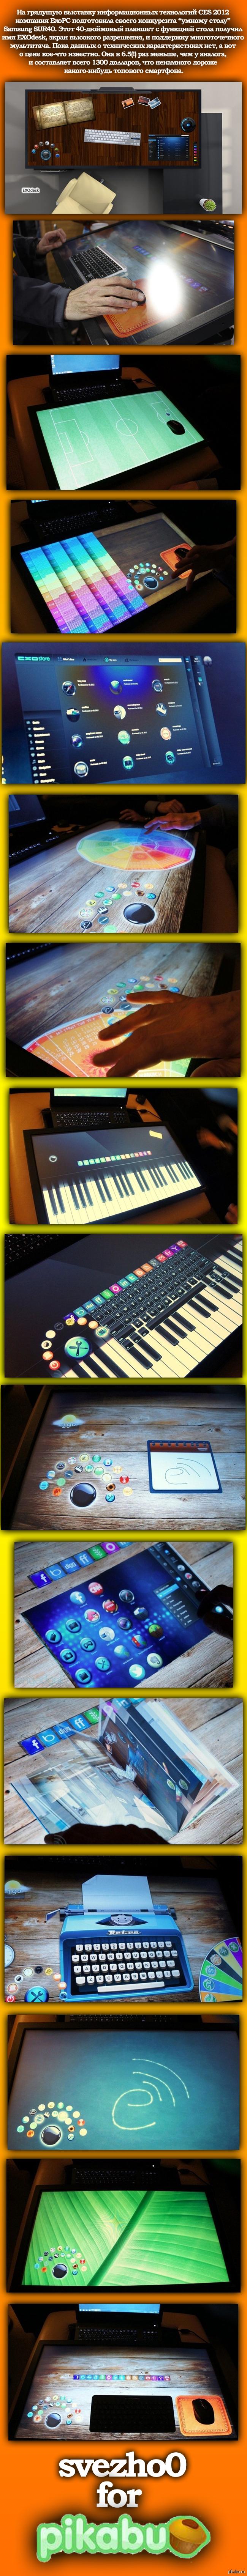 Стол-планшет EXOdesk диагональю 40 дюймов